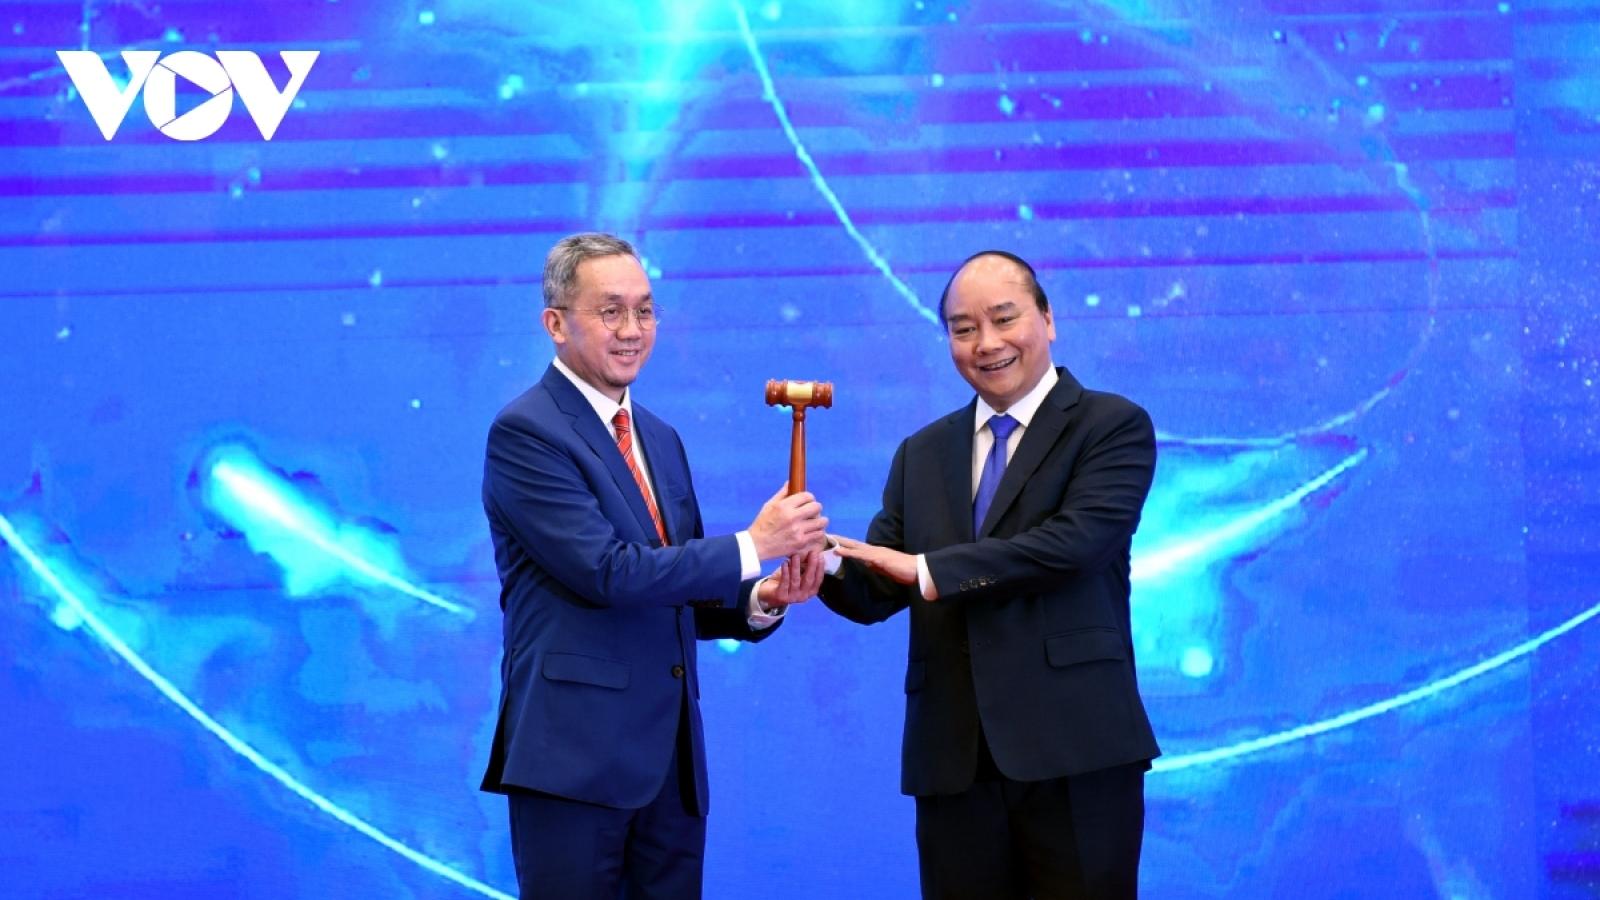 Tuyên bố Chủ tịch Cấp cao ASEAN lần thứ 37: Gắn kết và chủ động thích ứng